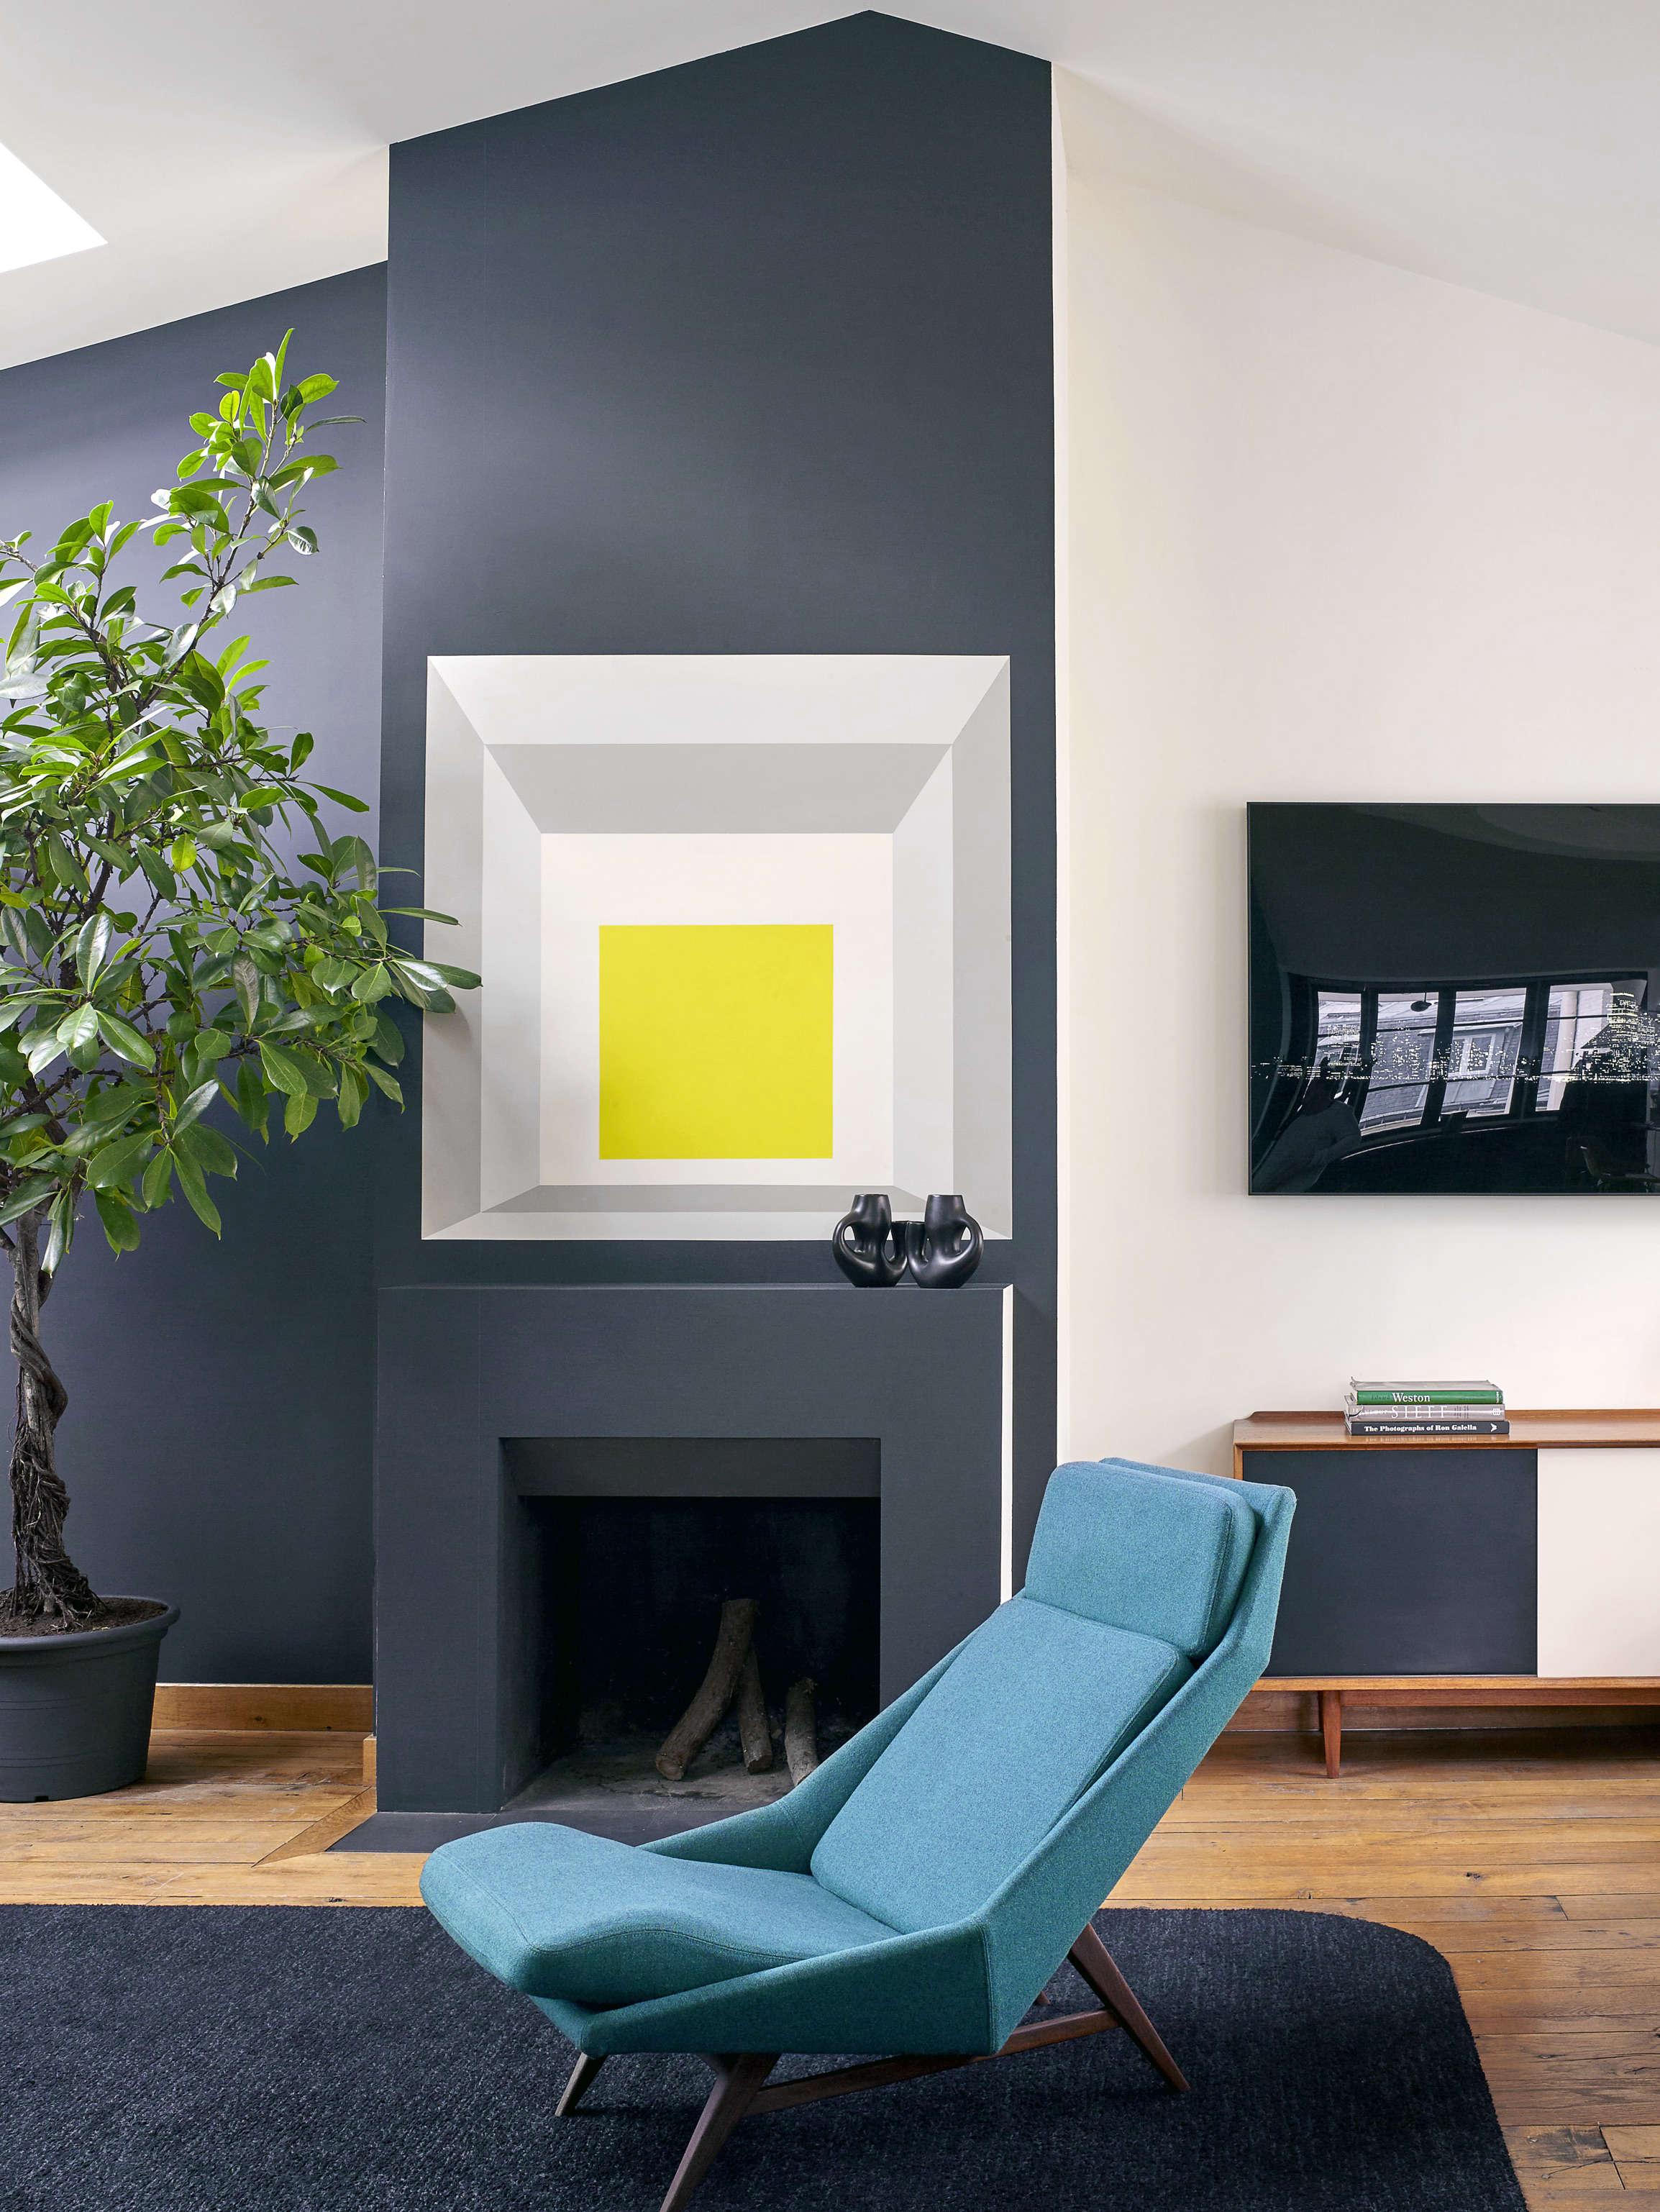 Florence-Lopez-Paris-loft-for-Natacha-Senechal-Remodelista-5